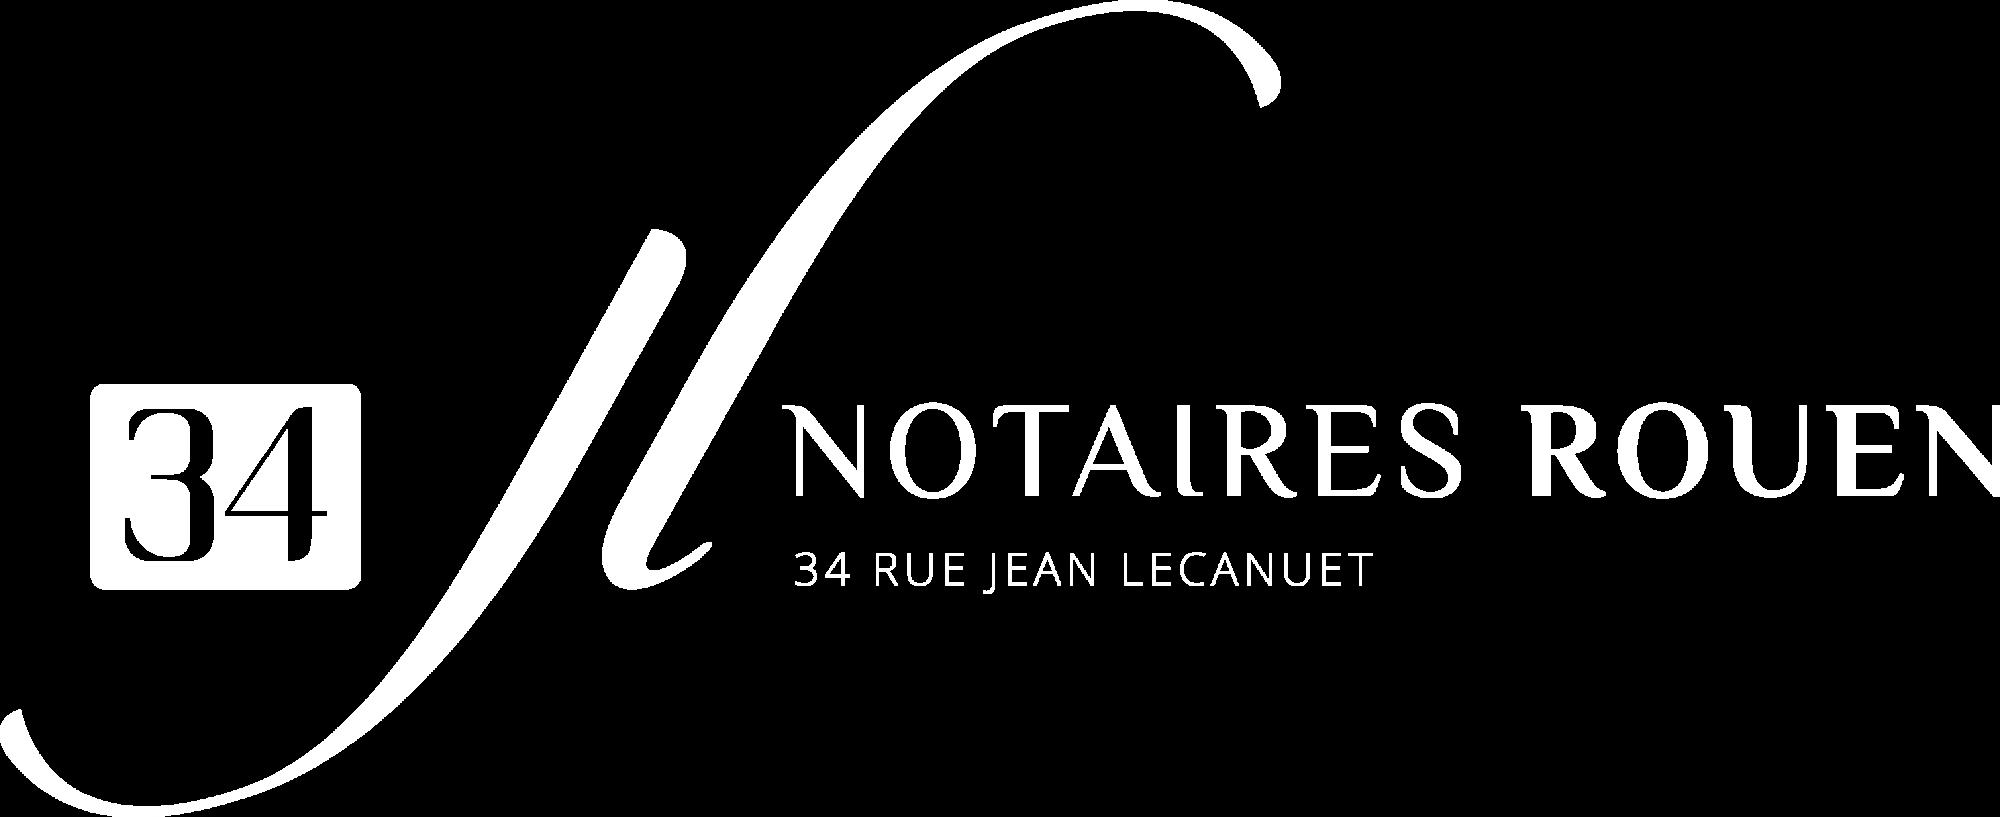 SCP Quesne, Malet,  Sevindik,  Le Carbonnier de la Morsanglière, Meunier-Guttin-Cluzel